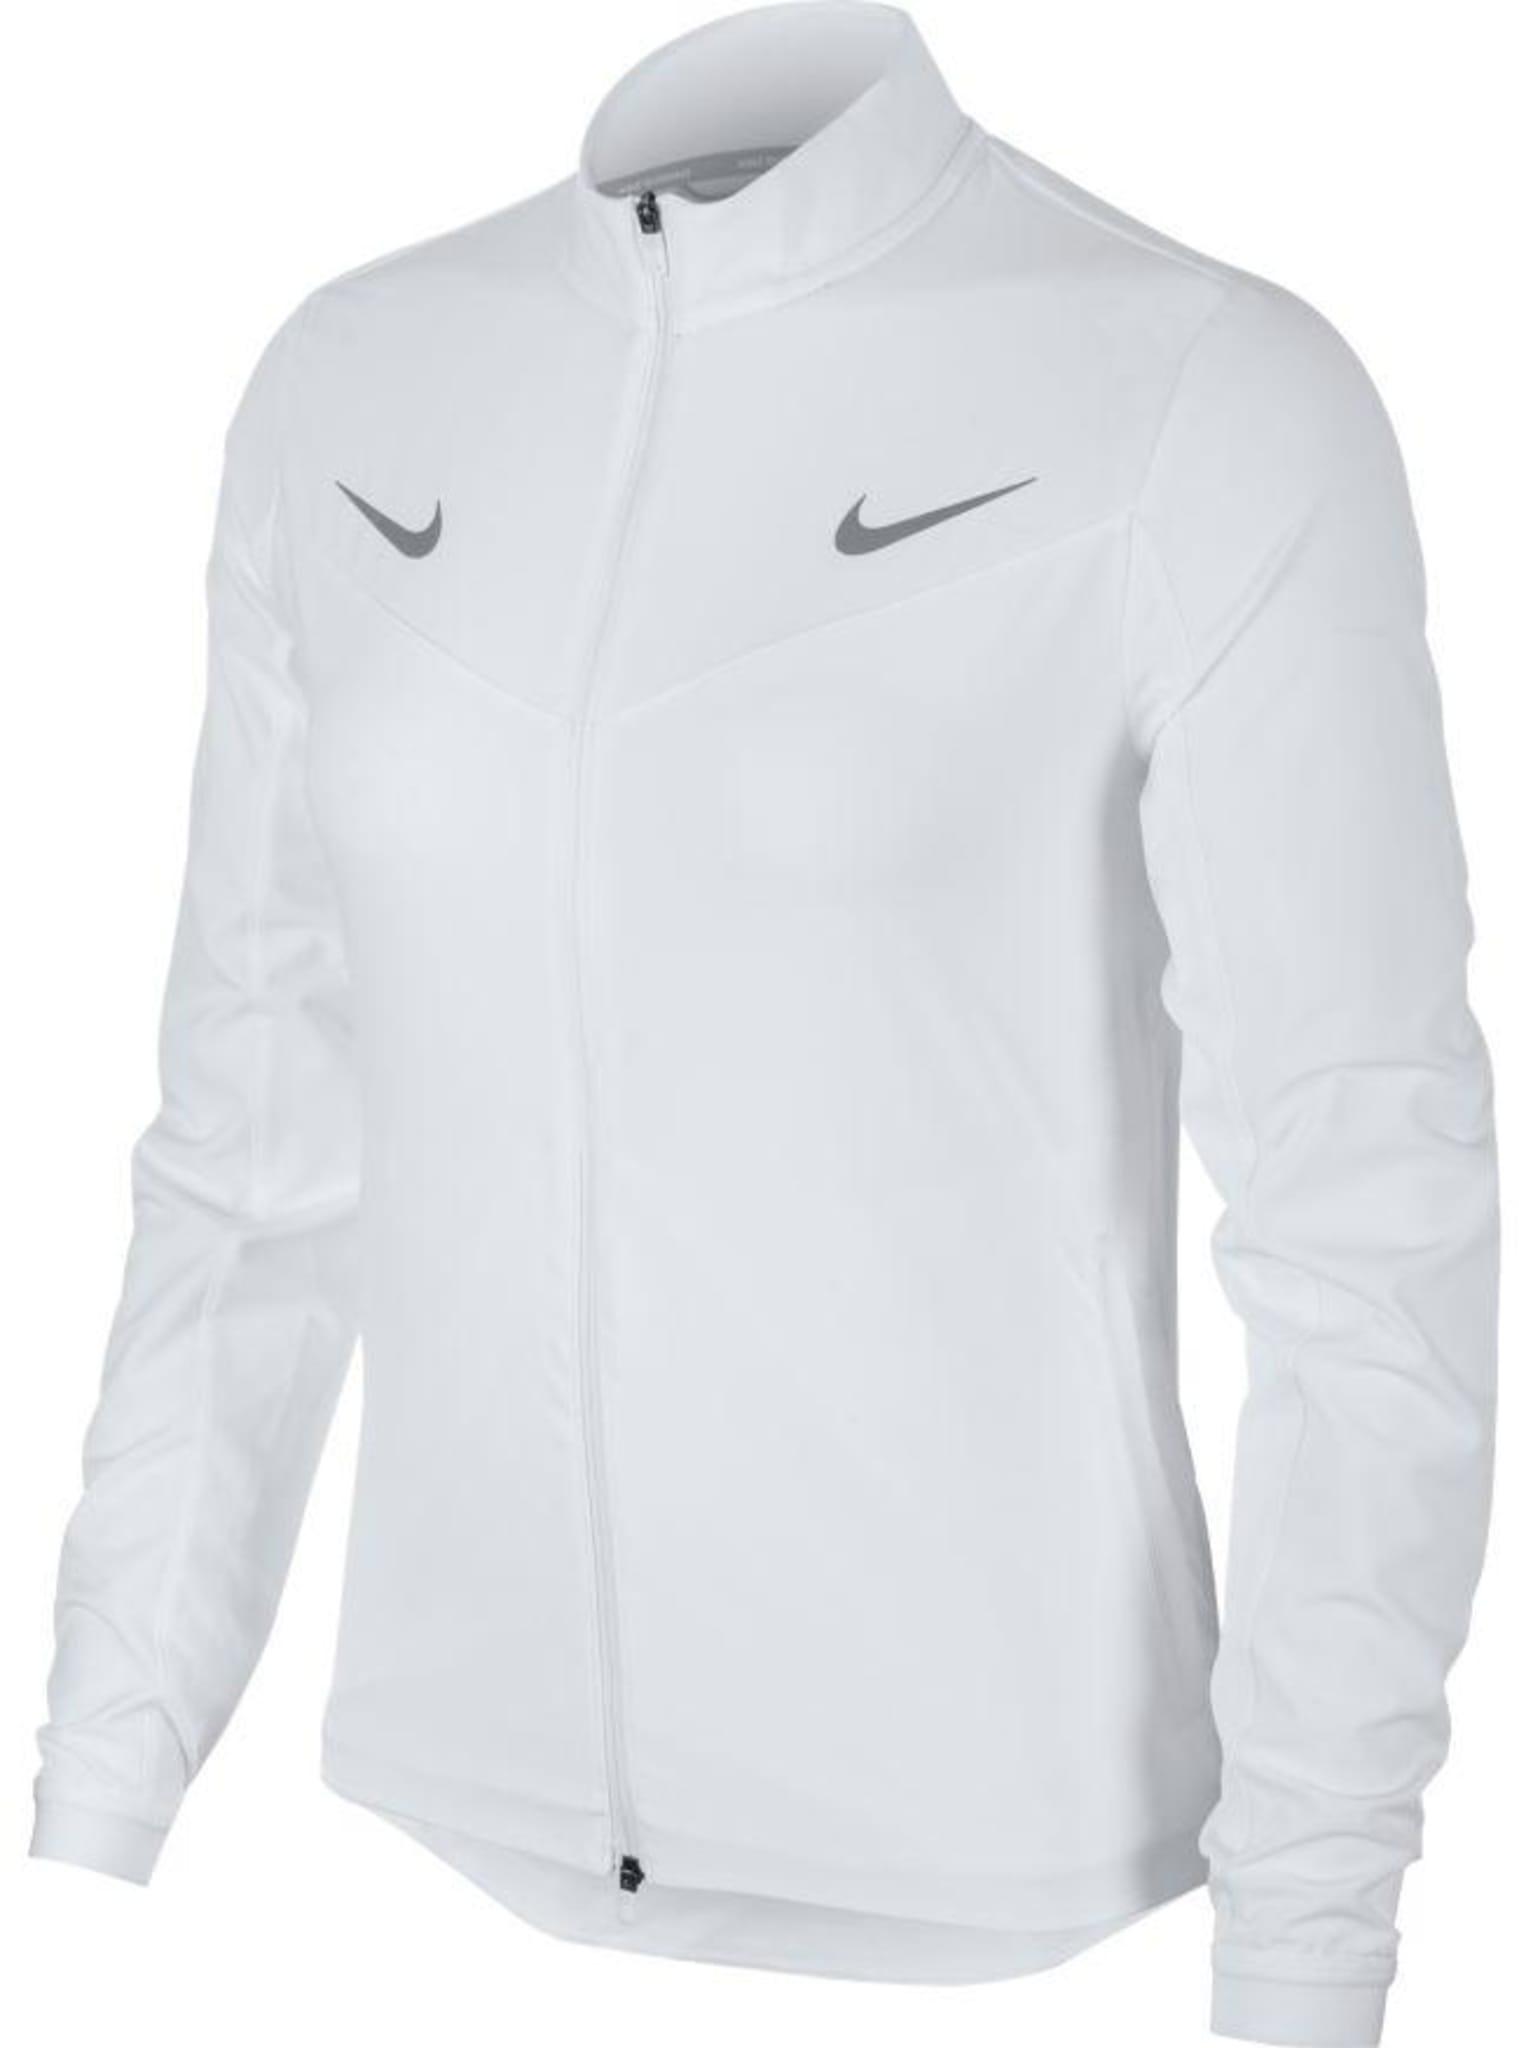 Olympic Tracksuit Jacket Women